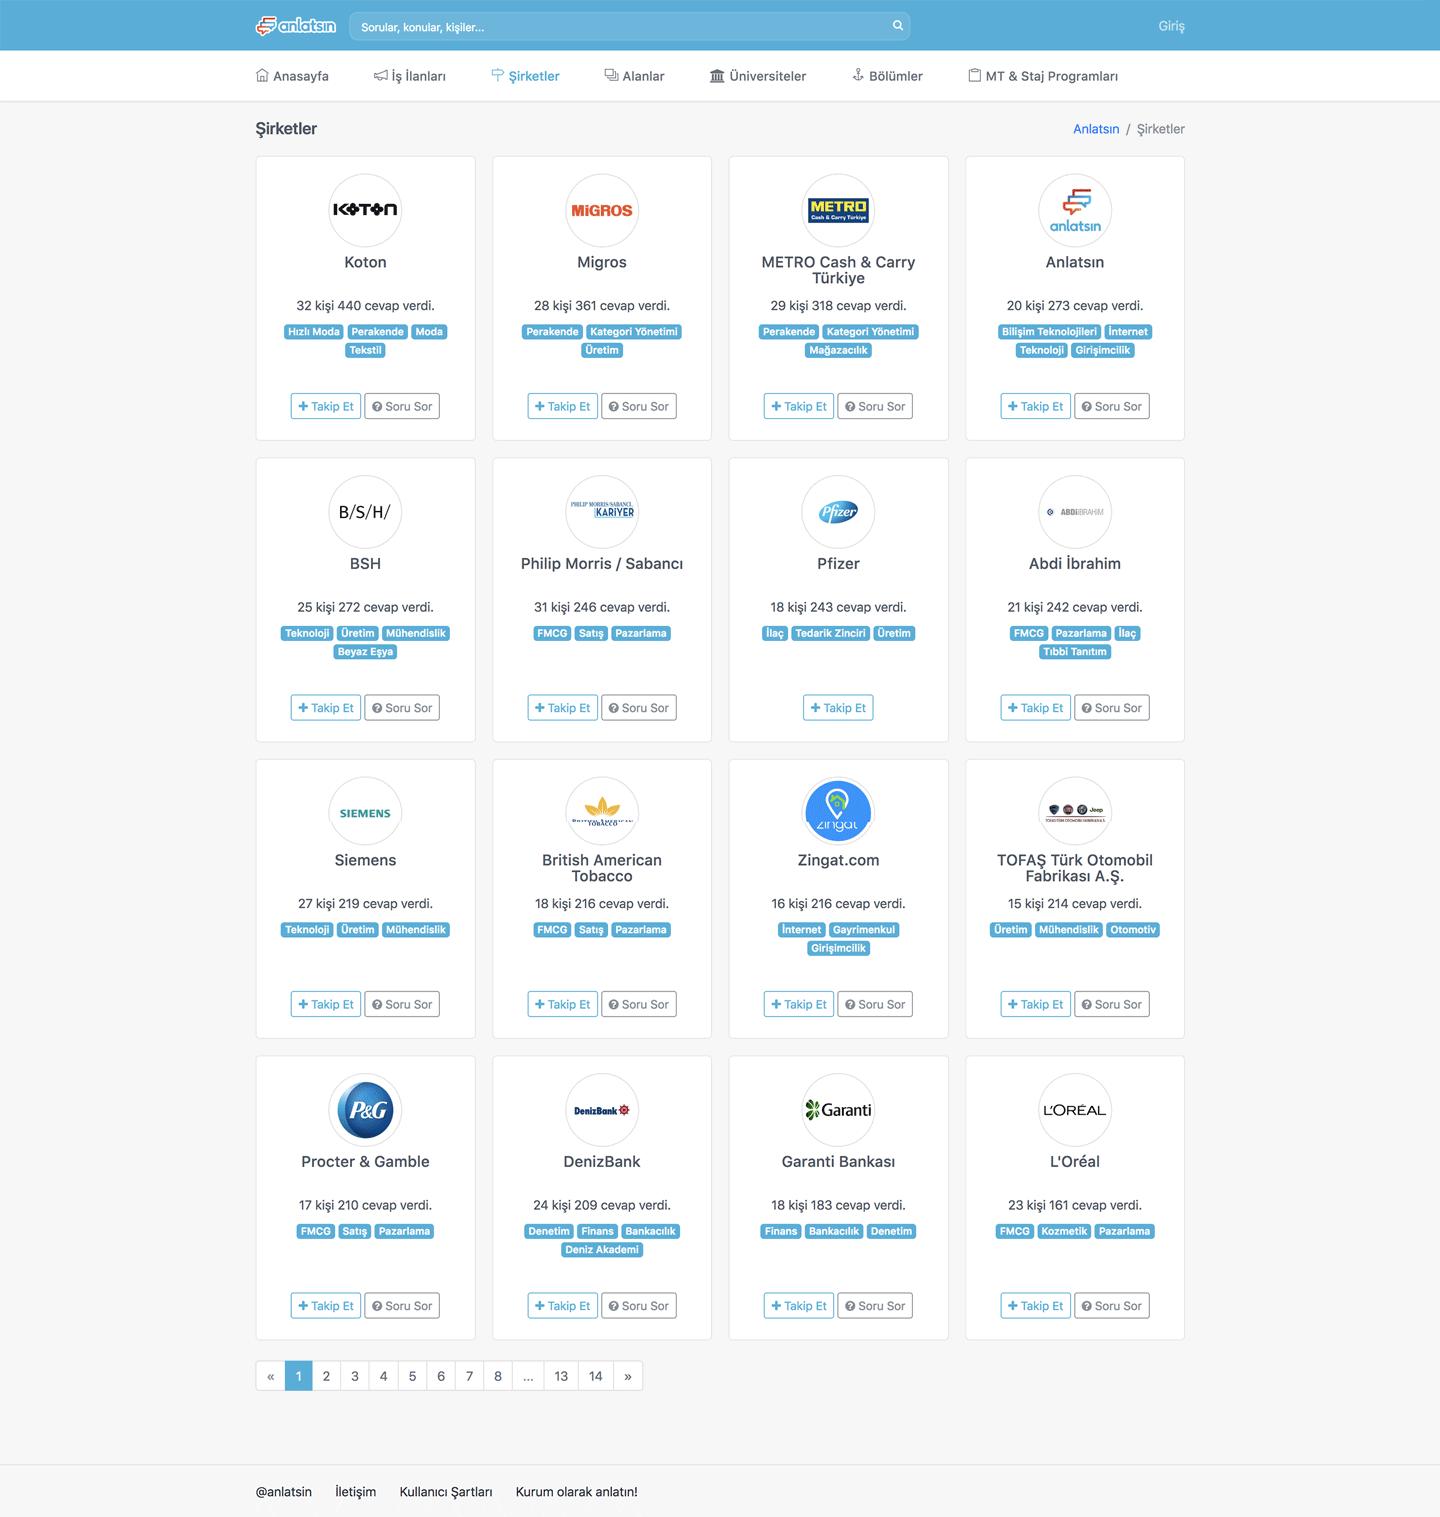 anlatsin-companies